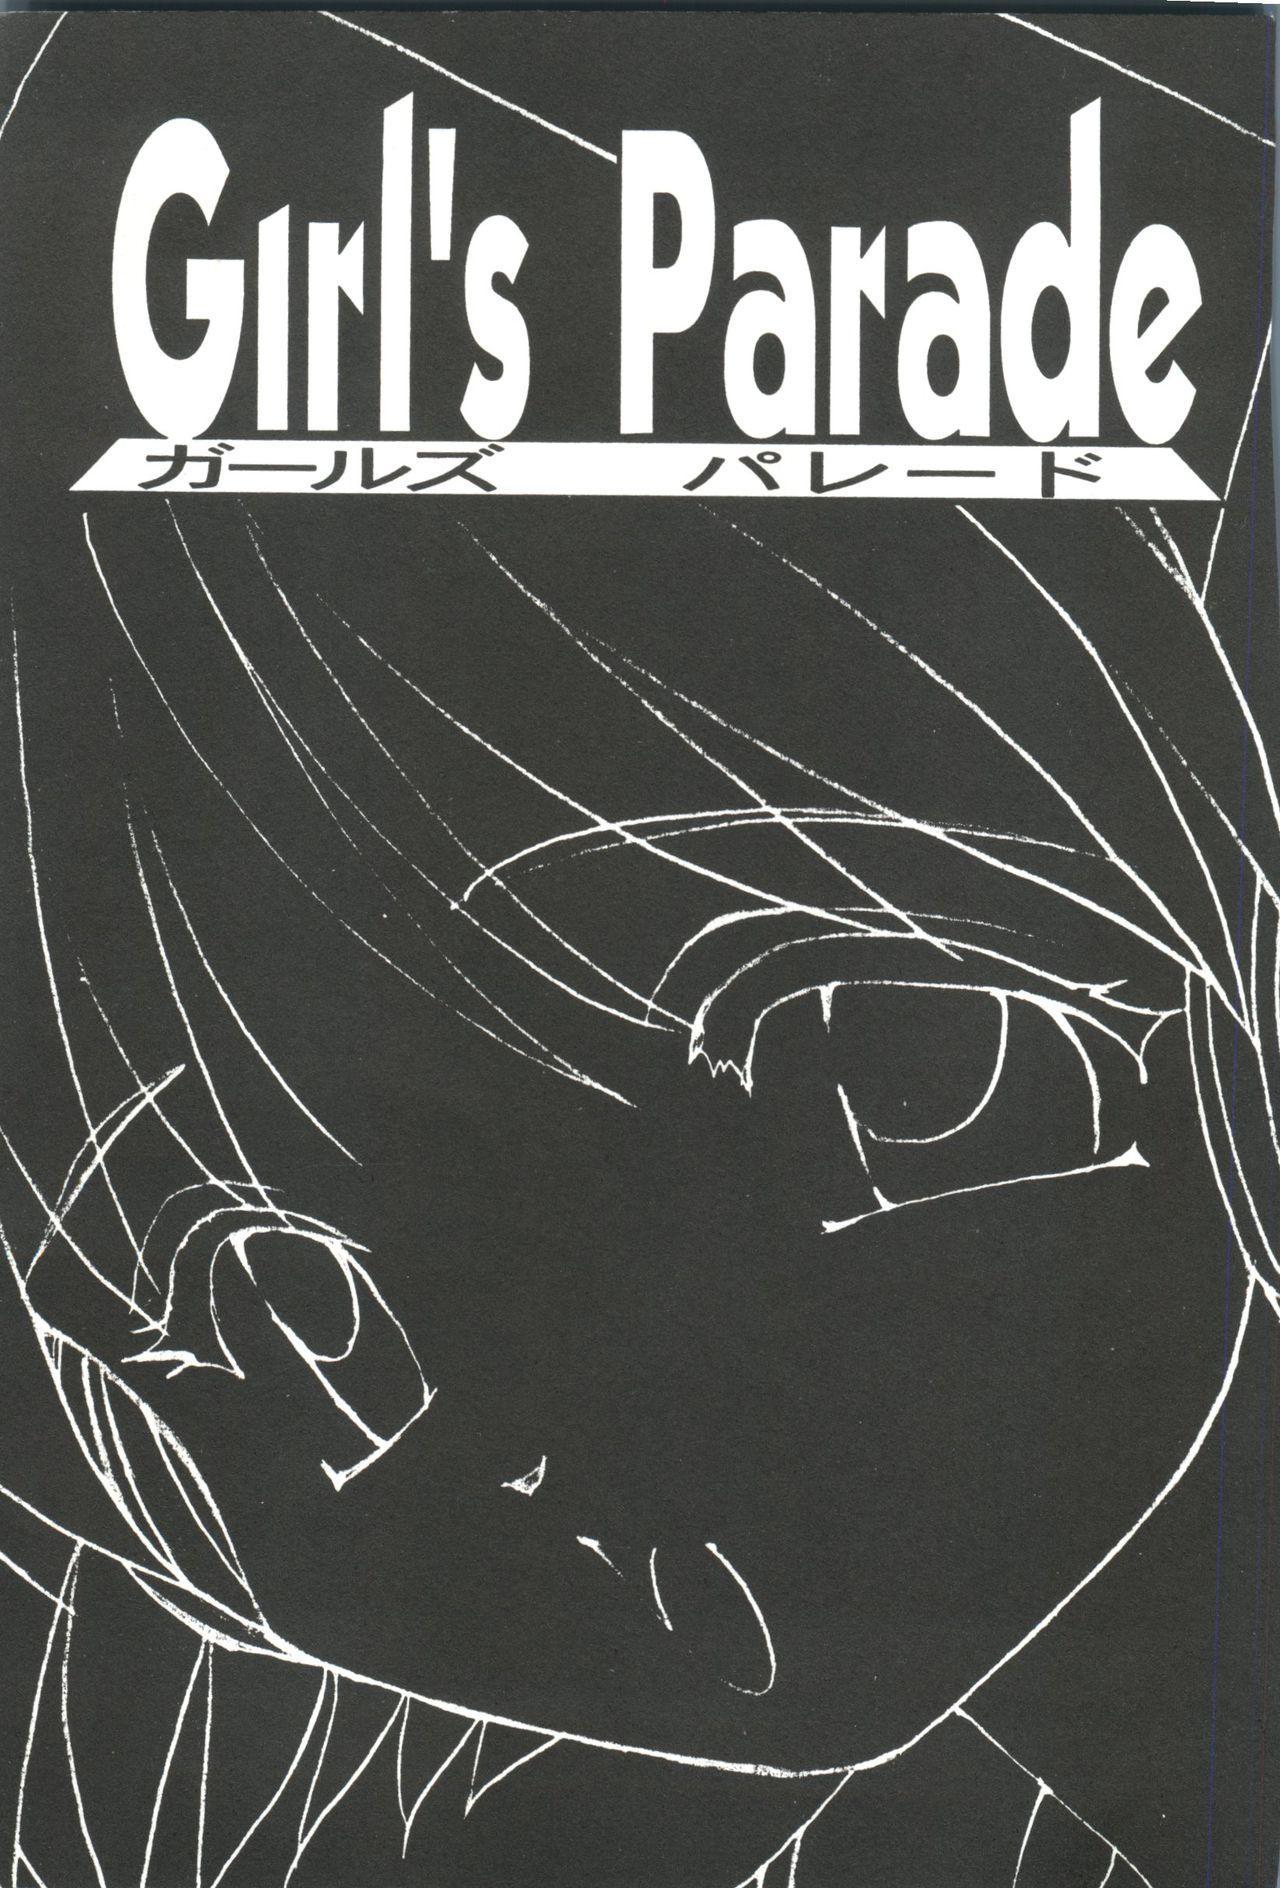 Girl's Parade Scene 7 2